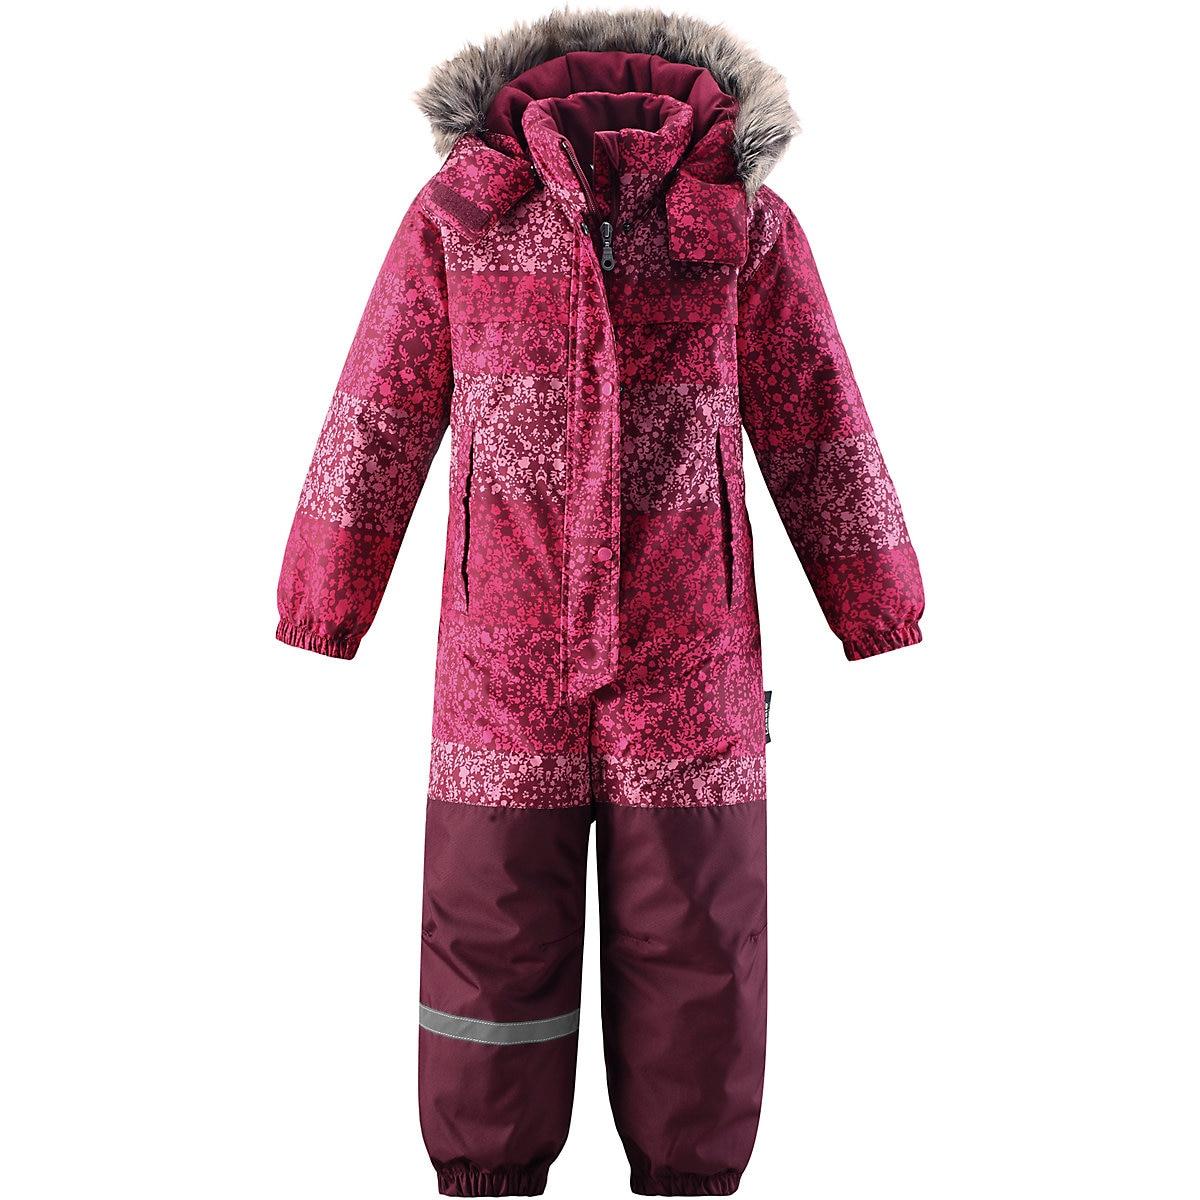 Salopette LASSIE pour filles 8626751 barboteuses bébé combinaison enfants vêtements enfants